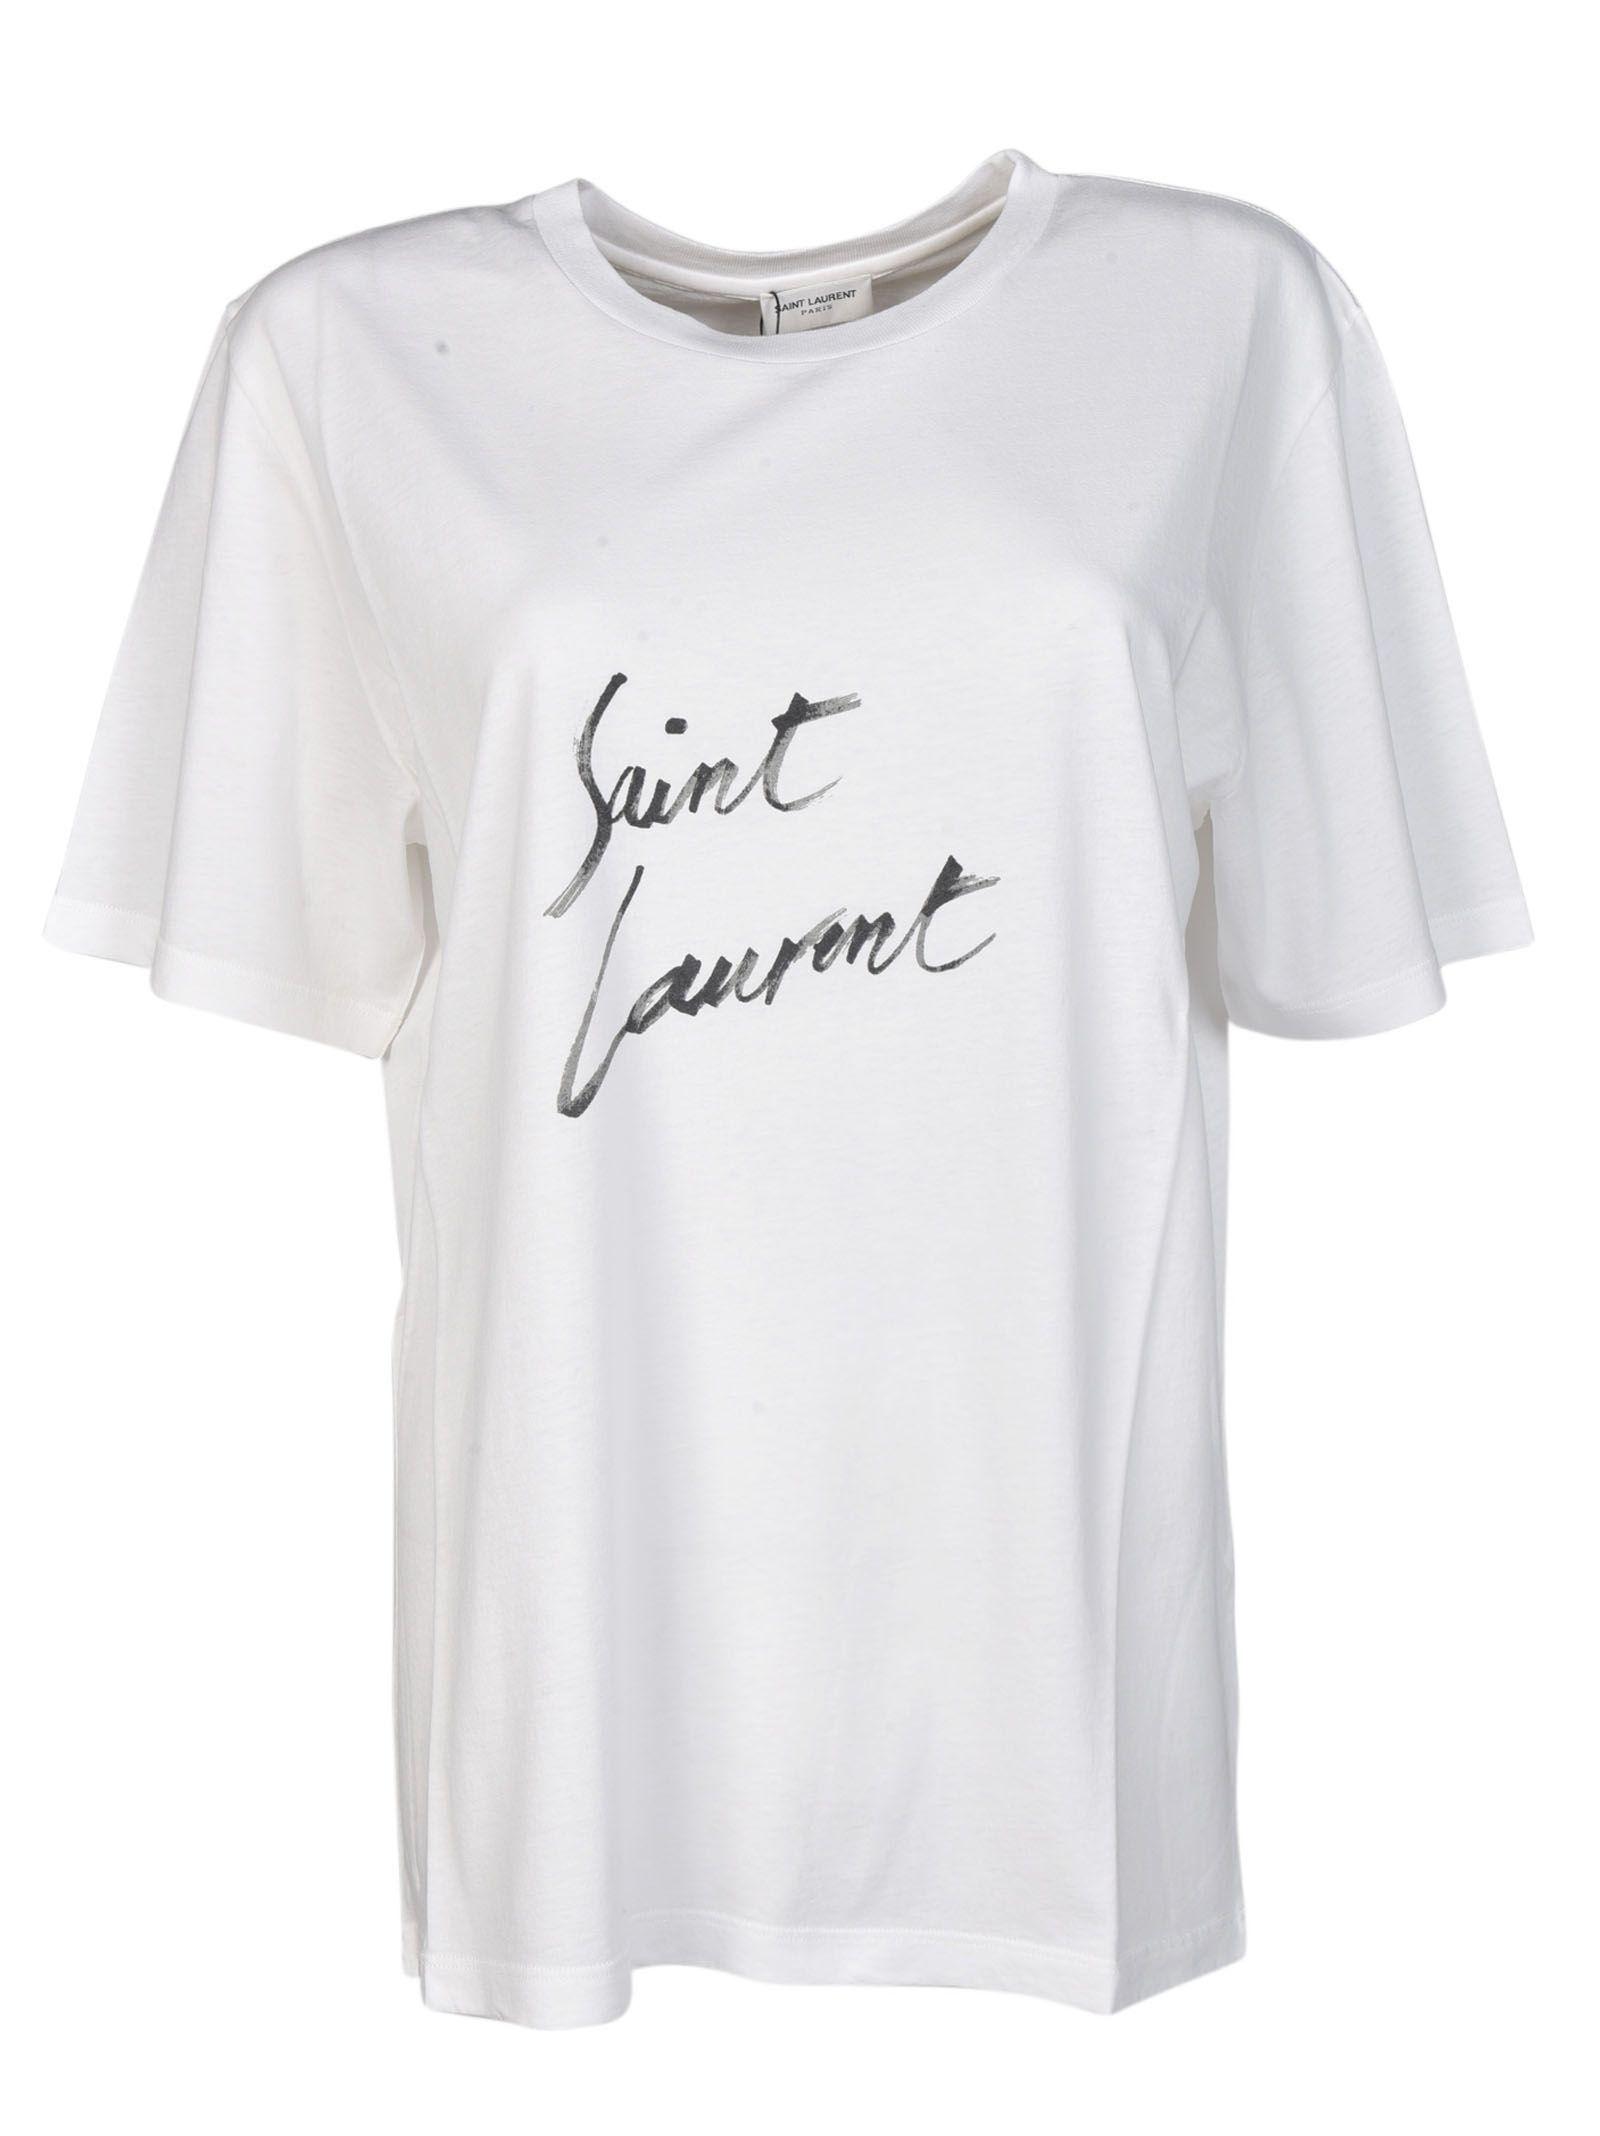 Saint laurent saint laurent logo t shirt white women for Saint laurent shirt womens